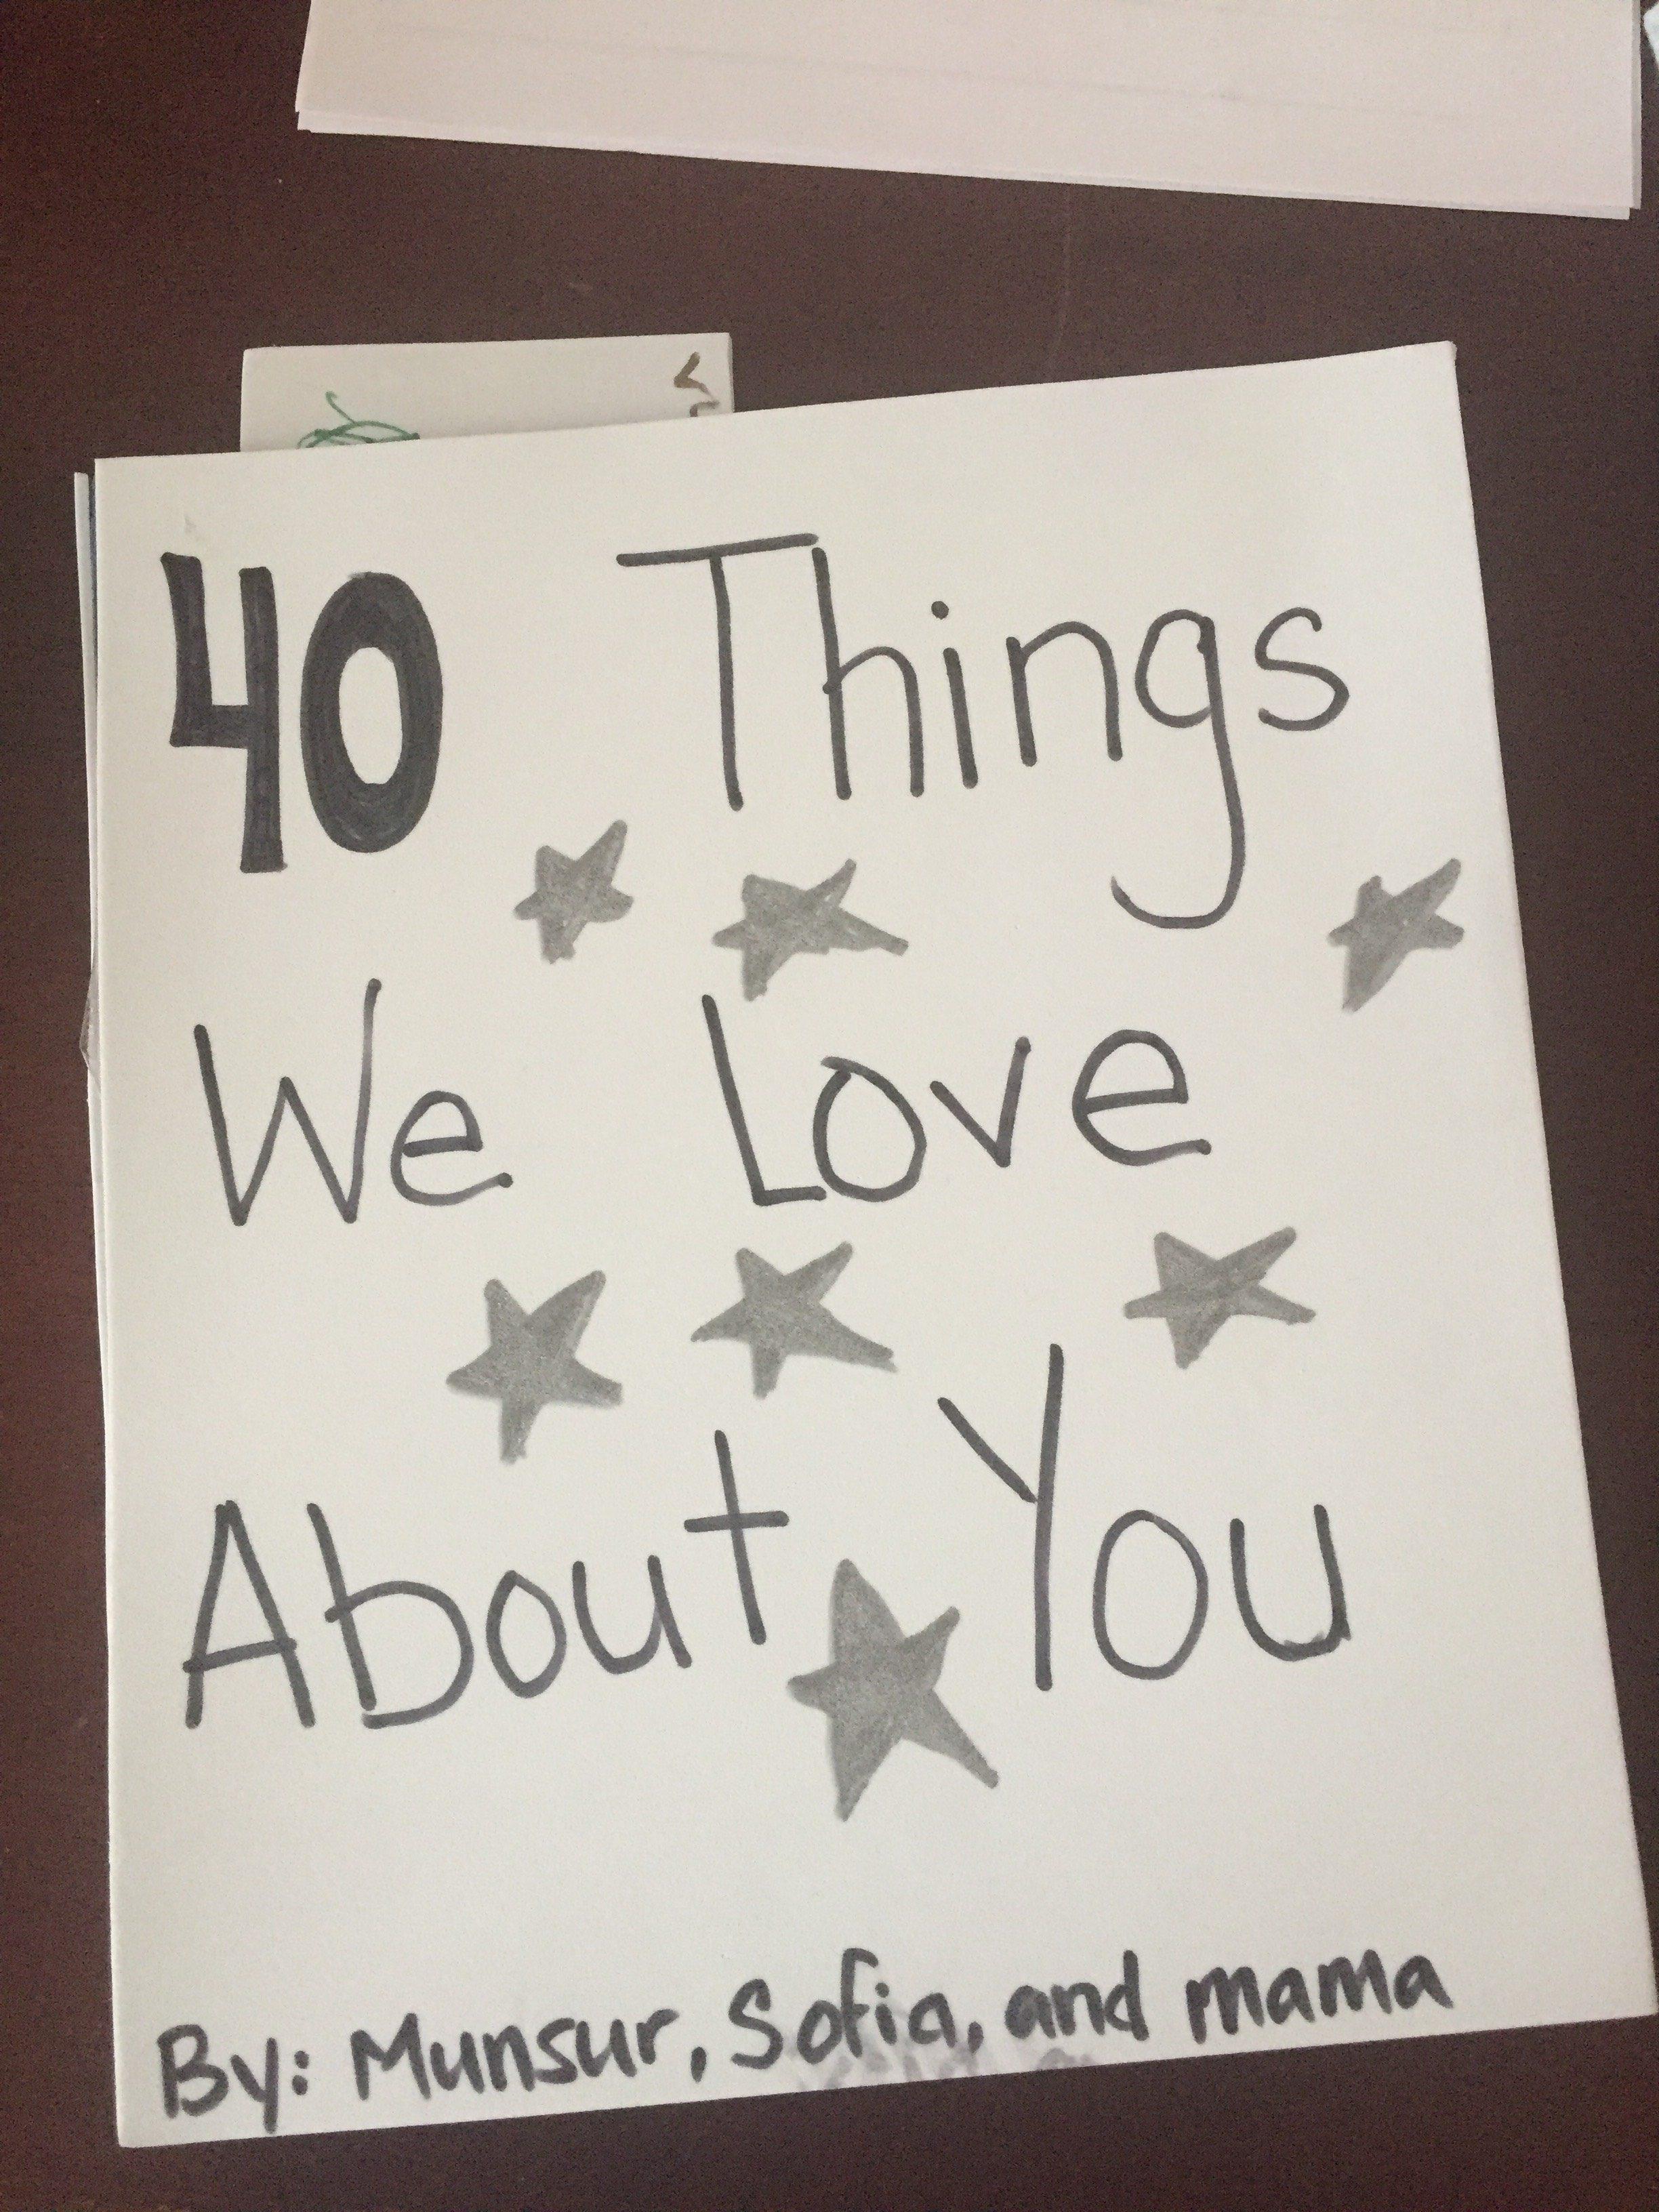 40things